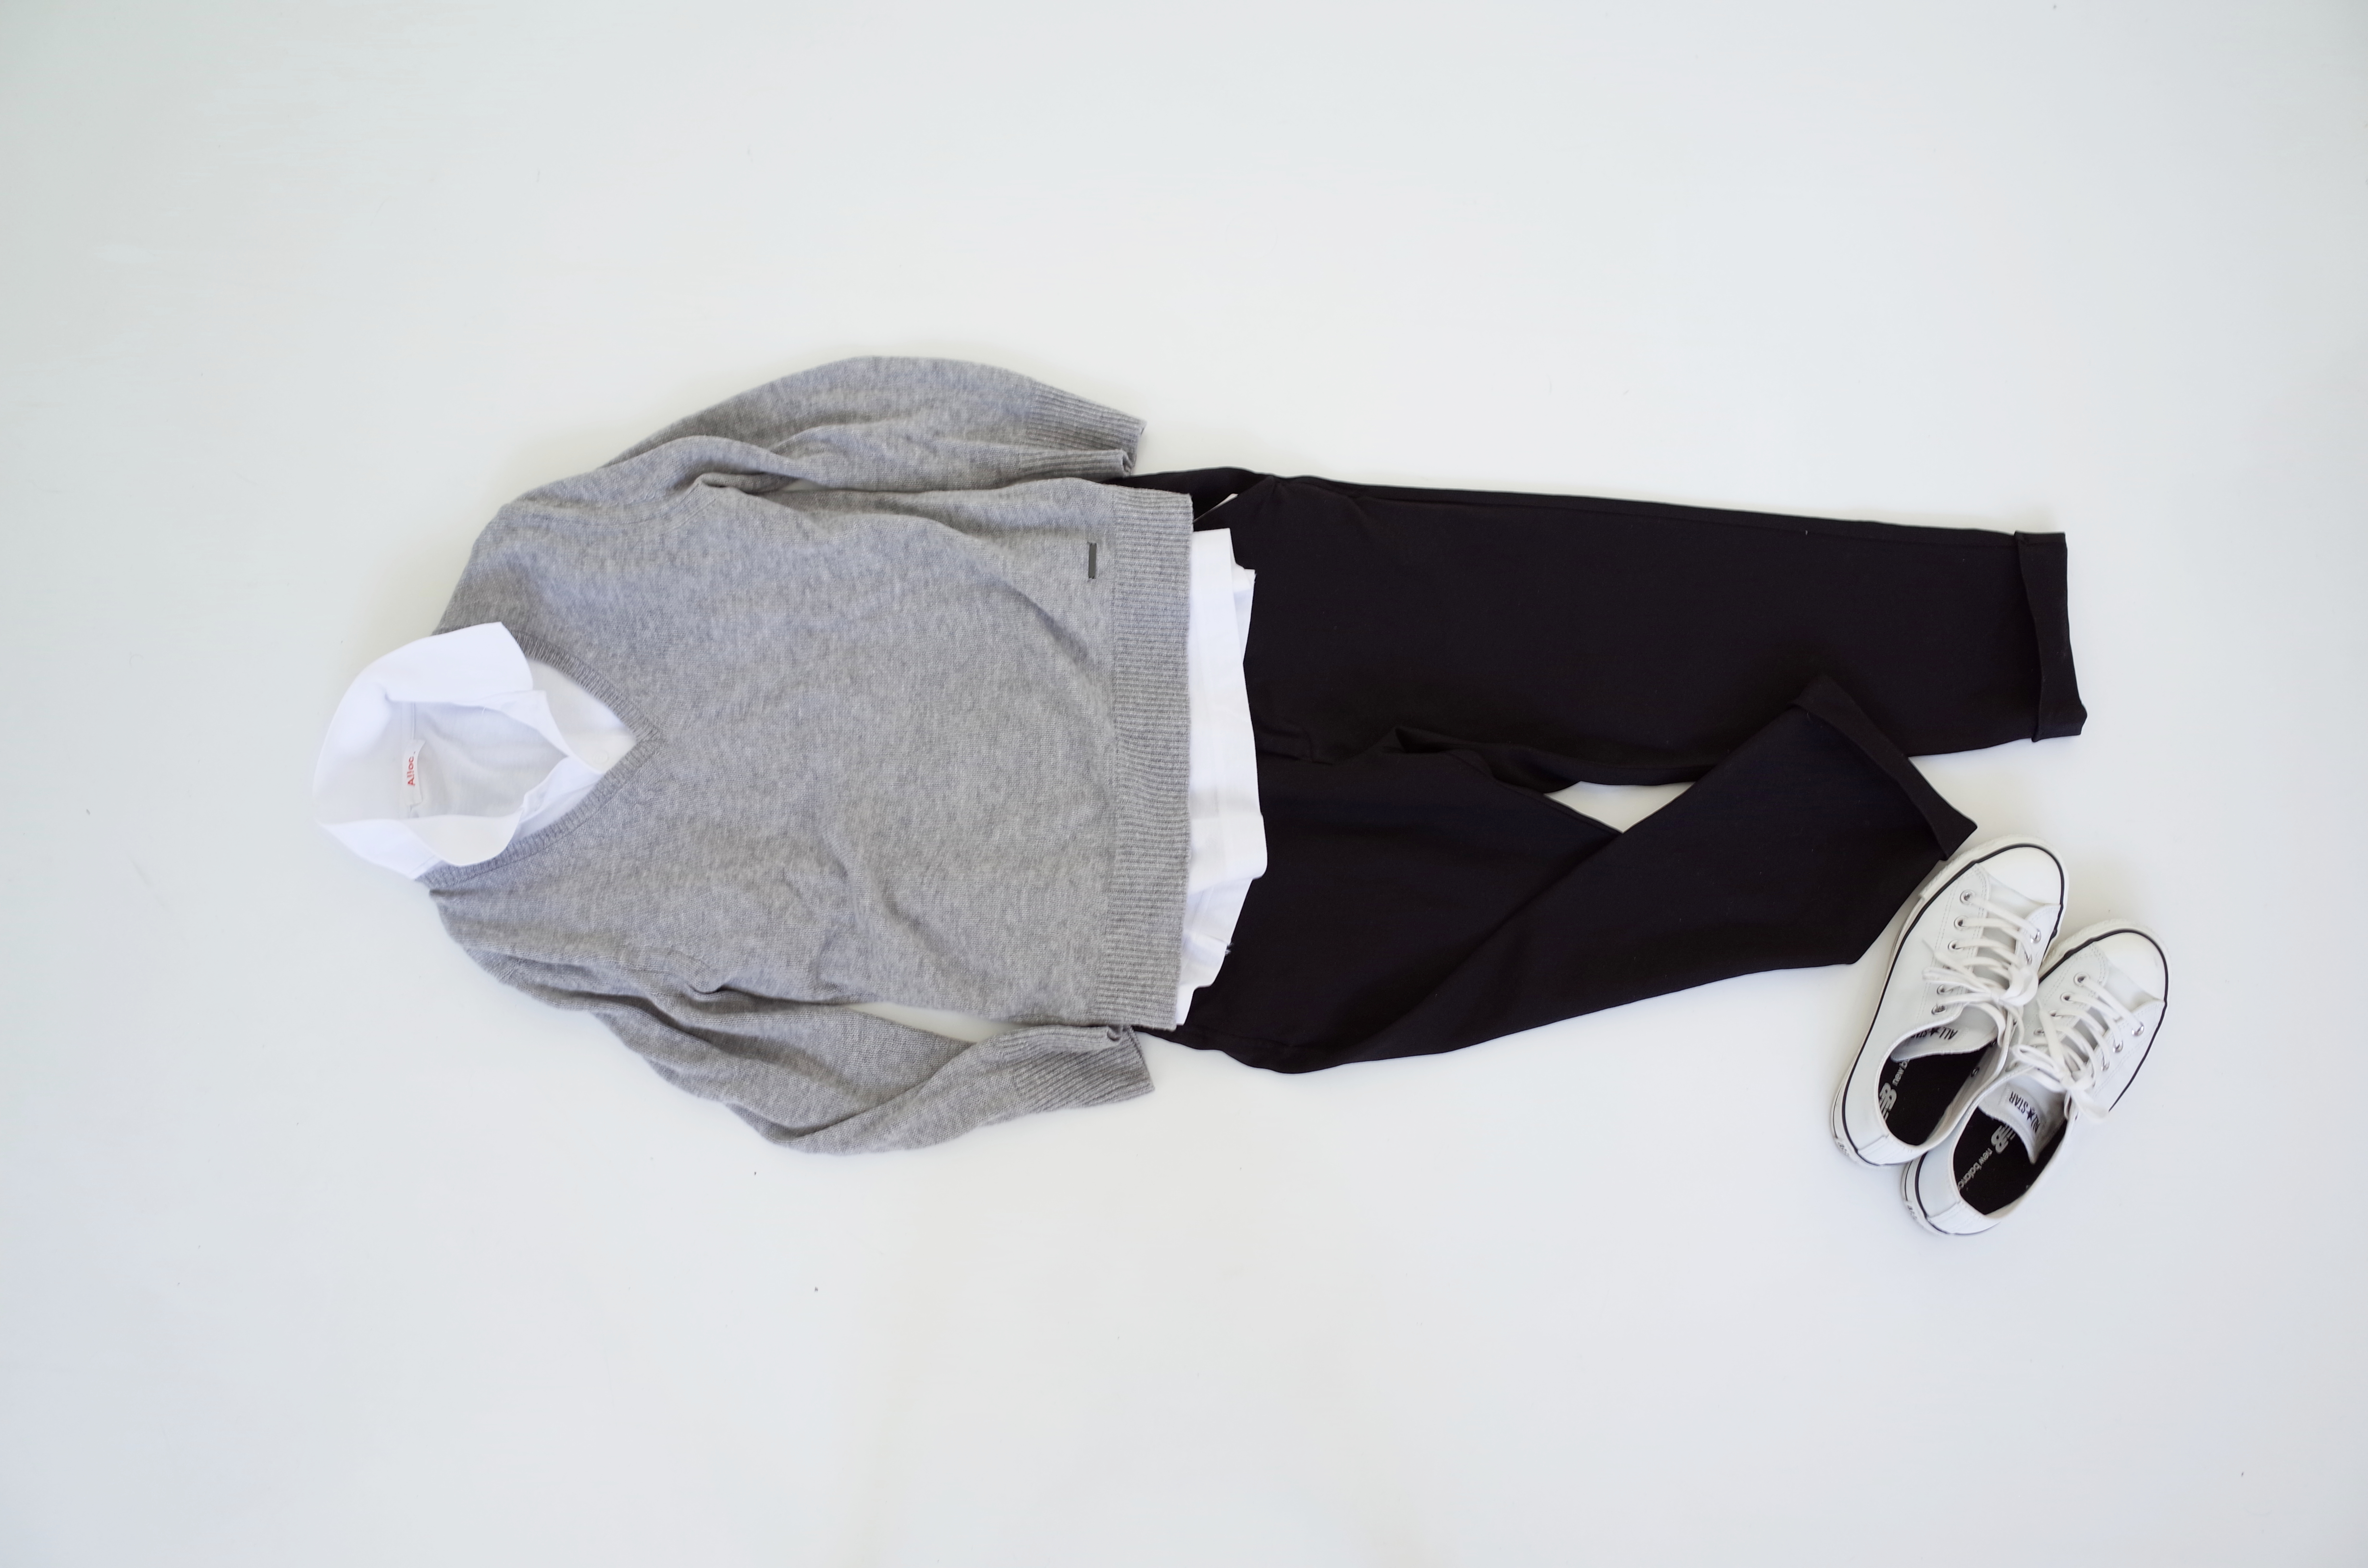 ポロシャツをトップグレーのニットを合わせグラデーションでまとめる。